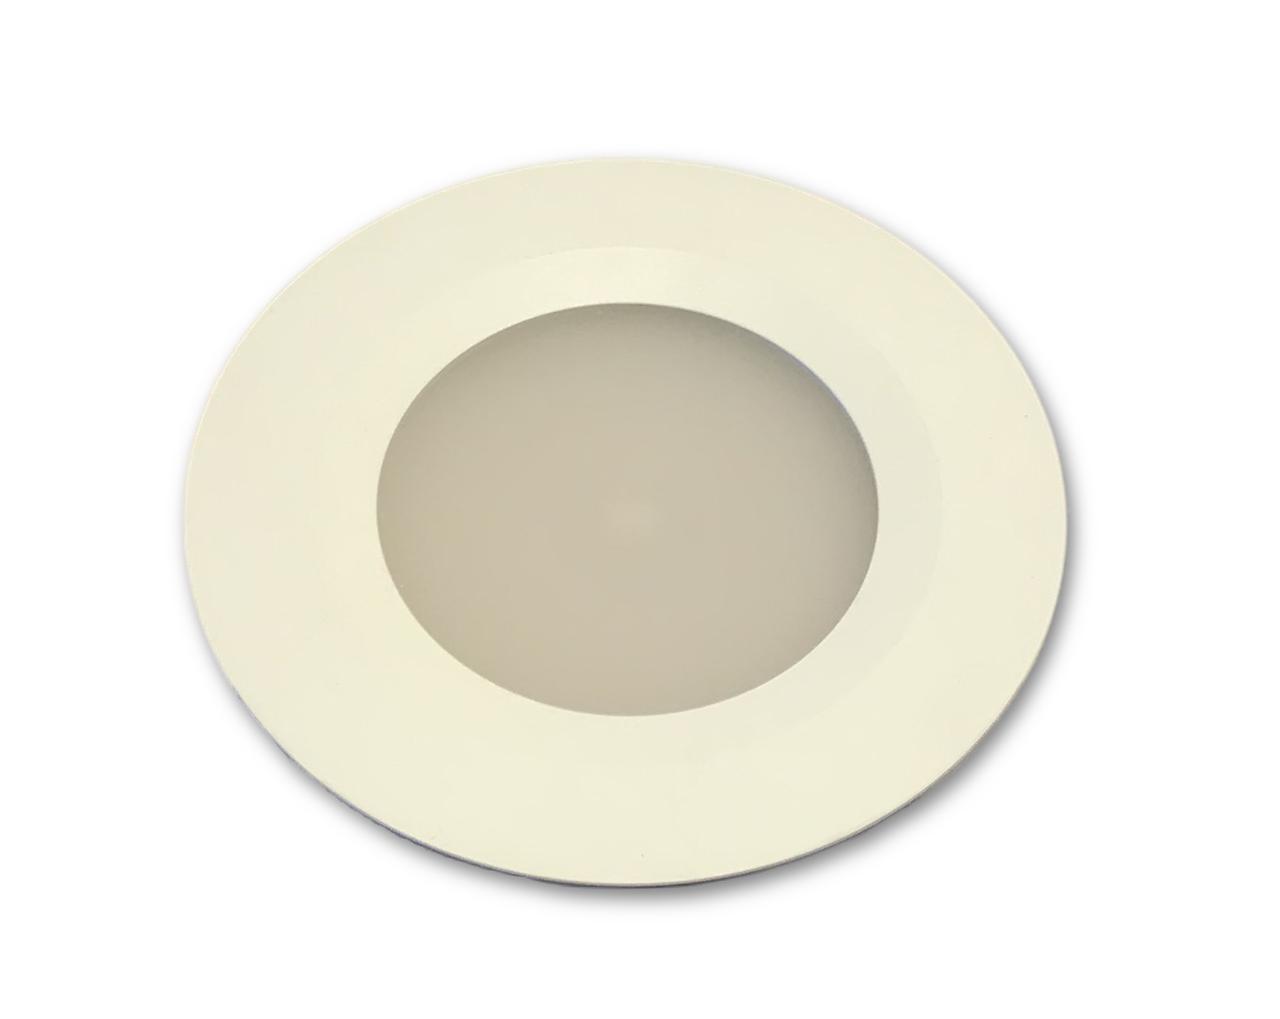 Flush mount LED downlight design